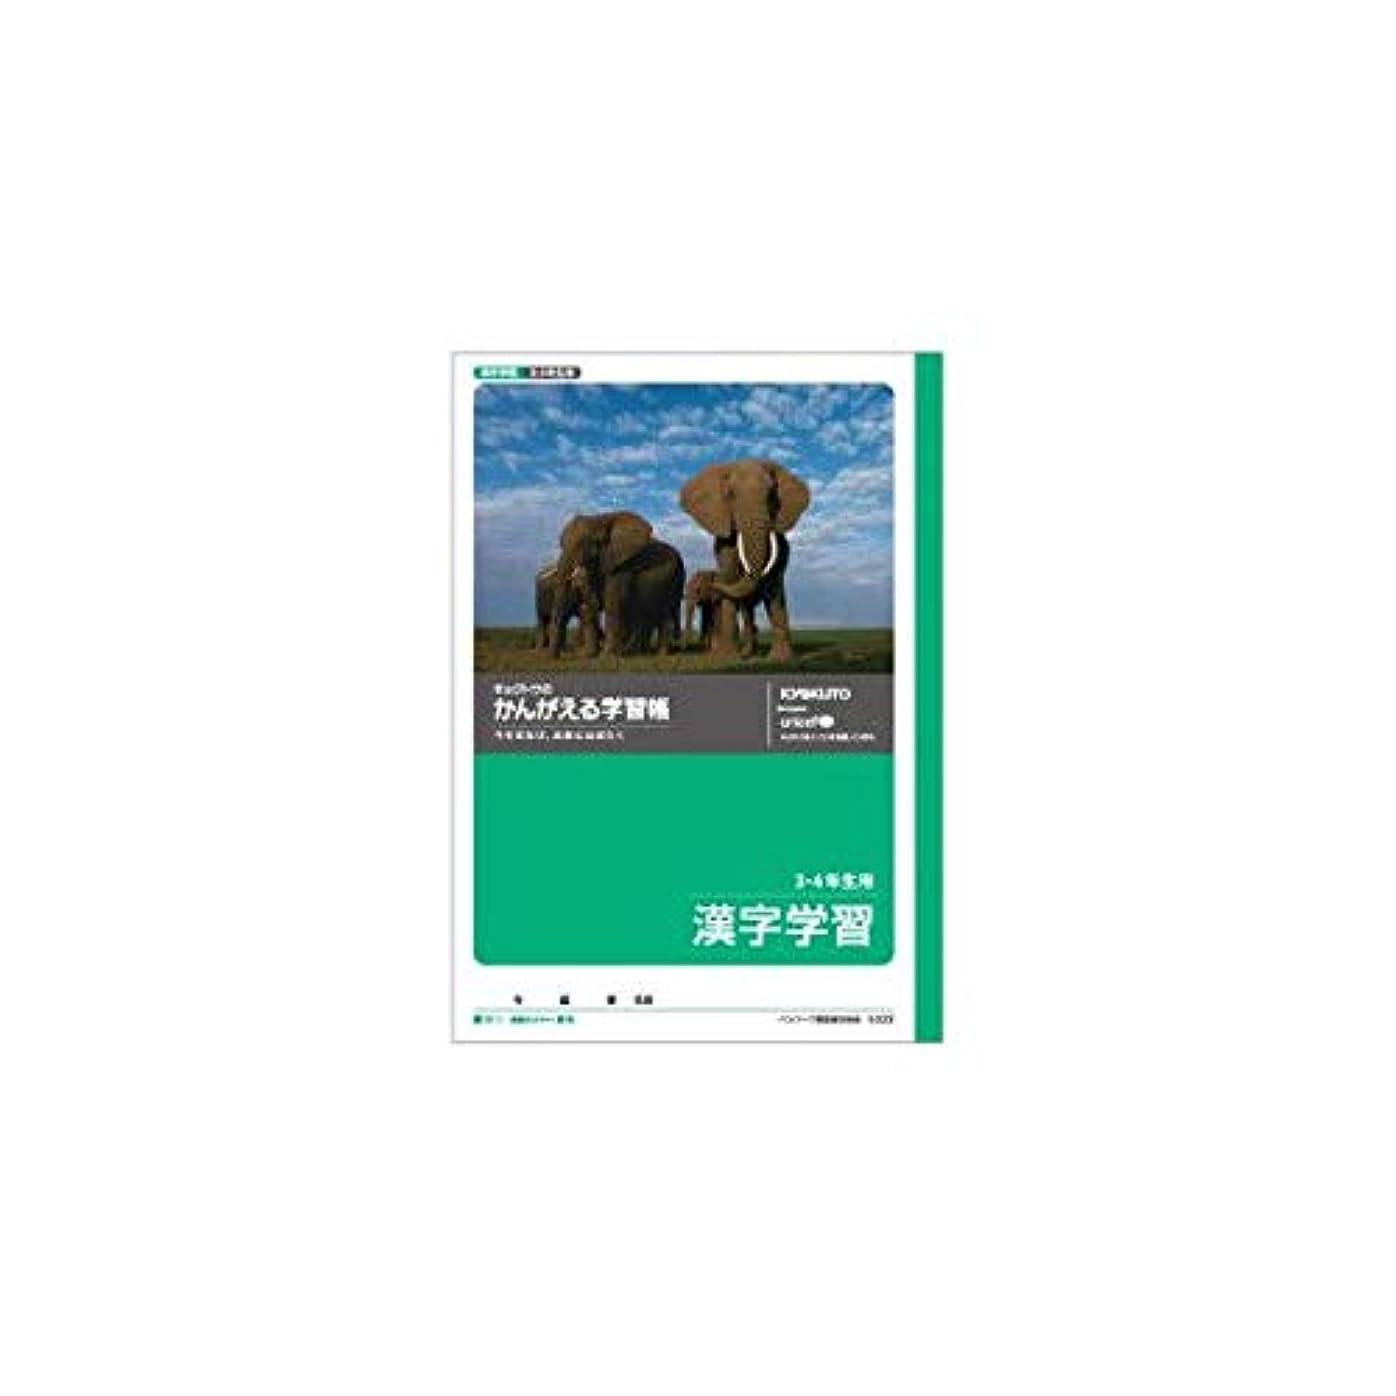 うめき君主確認するキョクトウ かんがえる 学習帳 漢字学習(3?4年用) B5サイズ L422 / 10セット